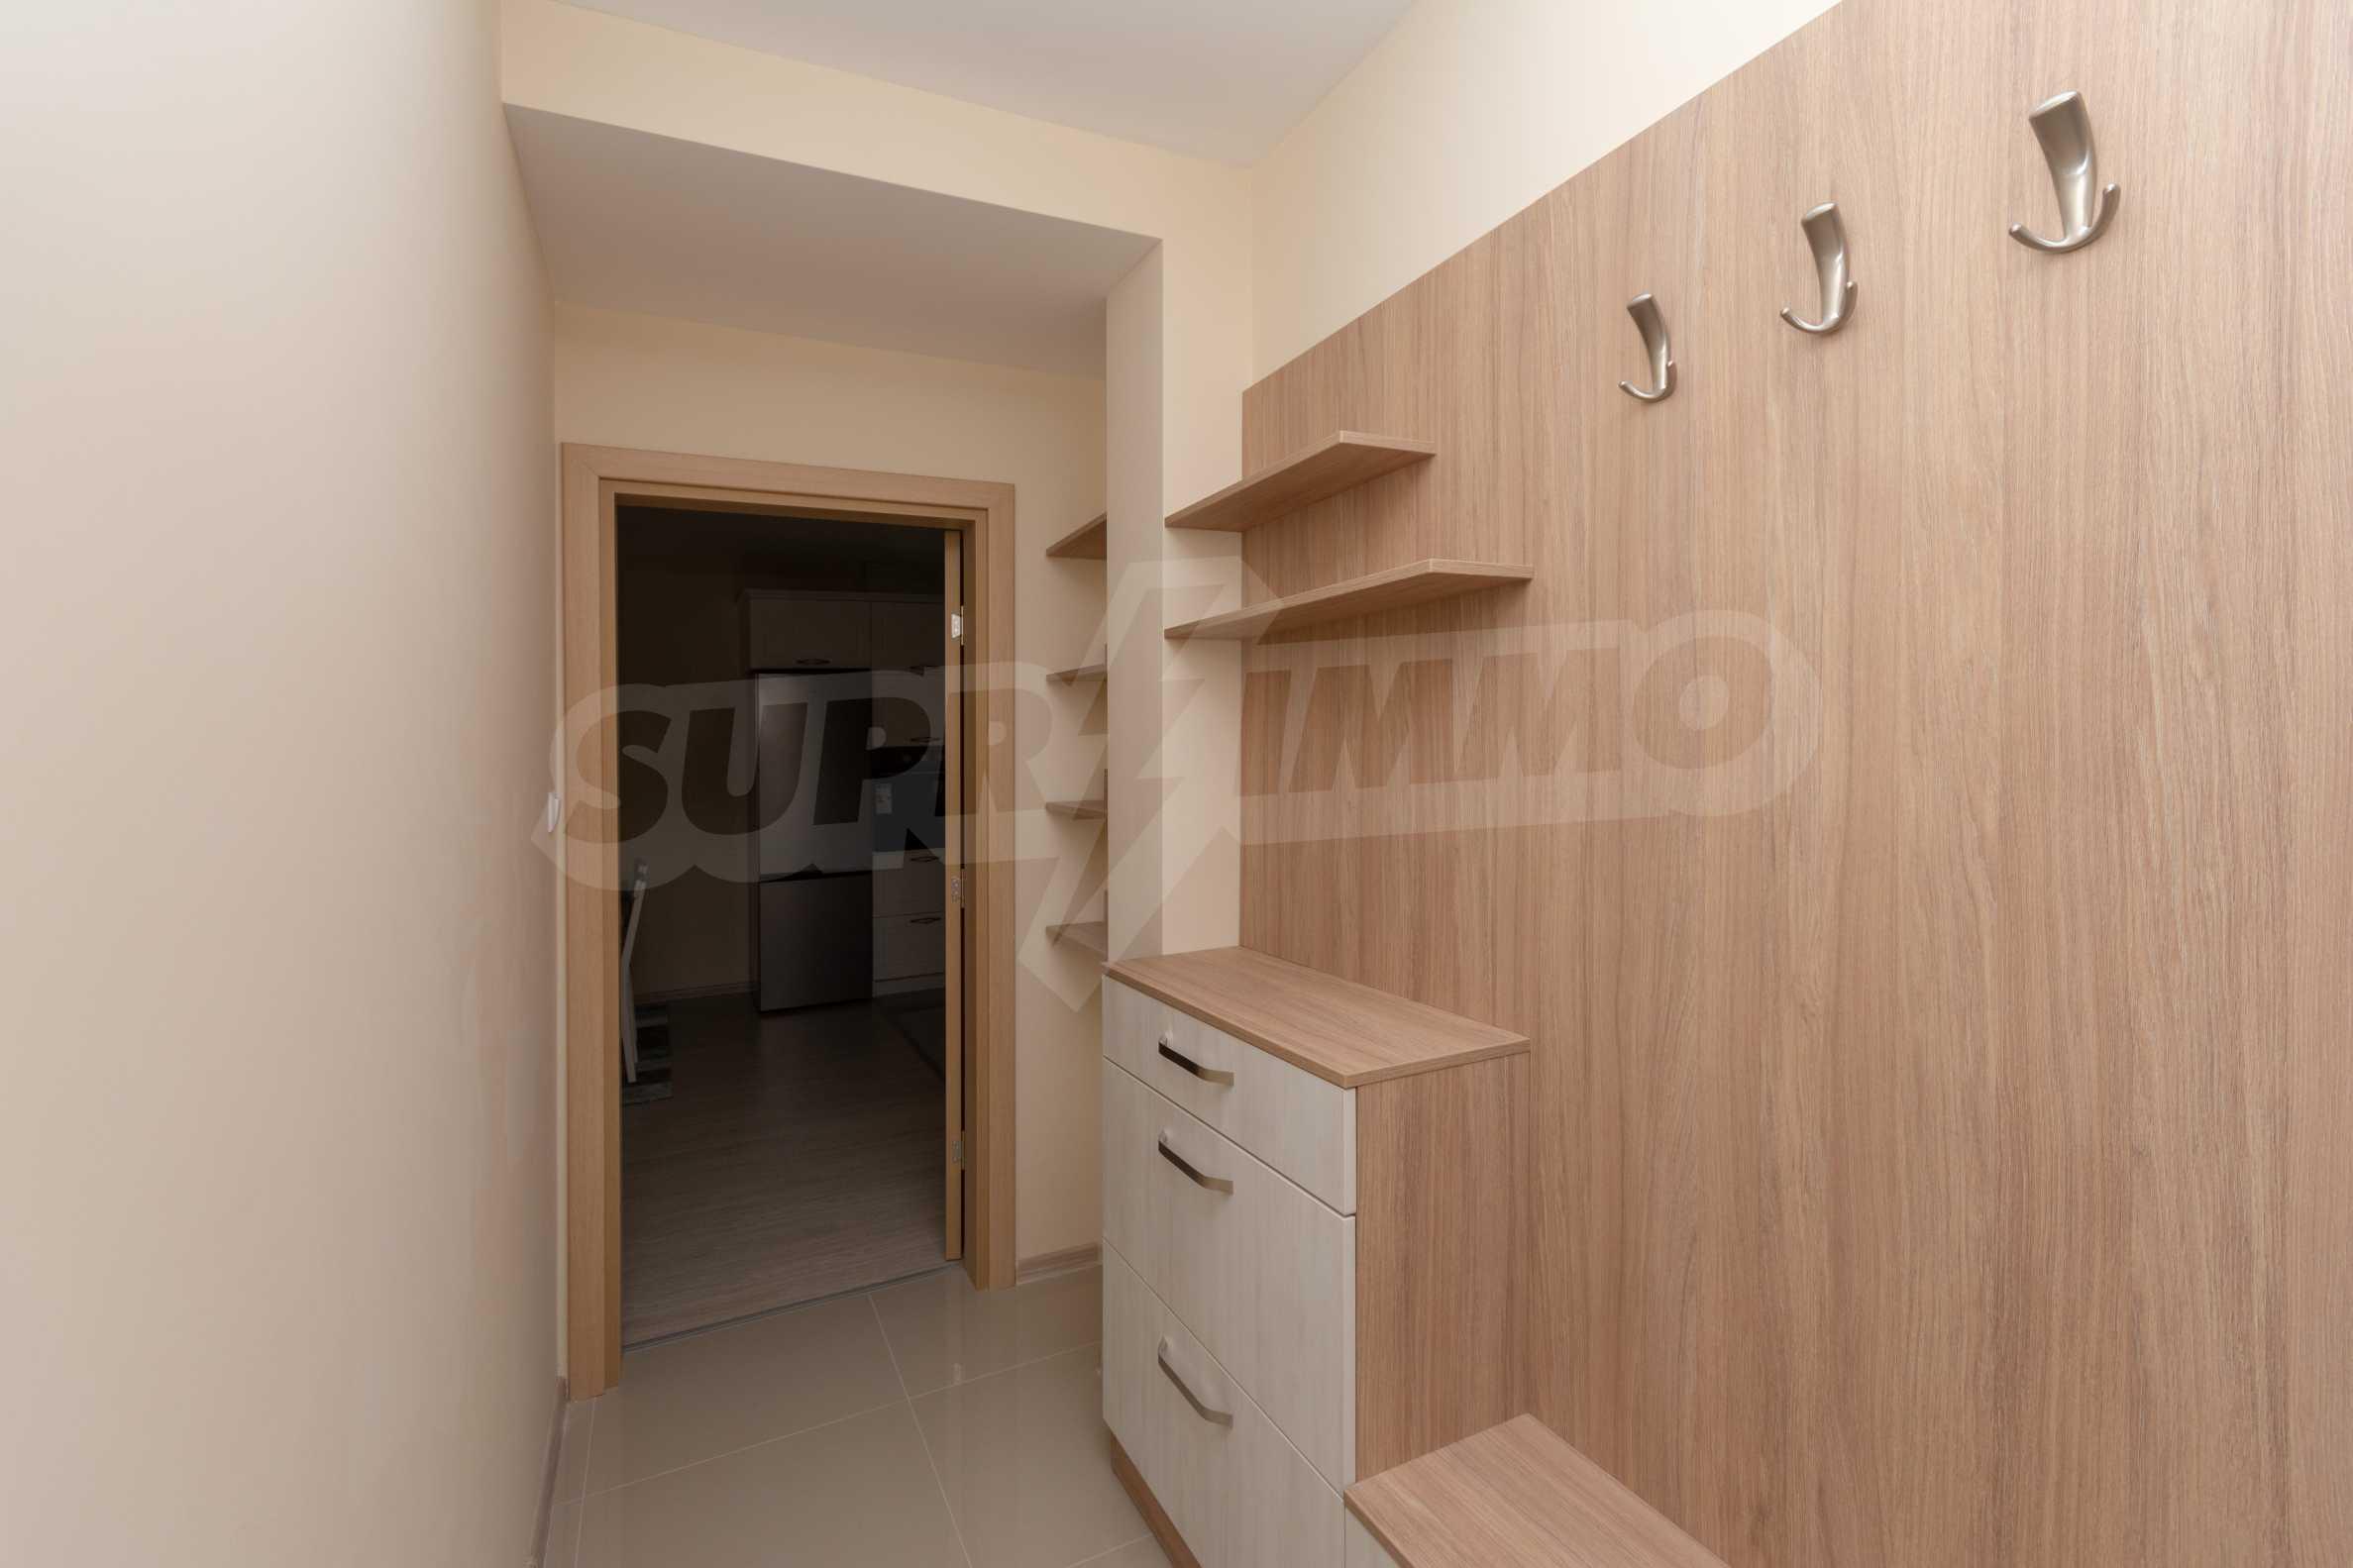 Двустаен апартамент в луксозна жилищна сграда на комуникативна локация в гр.Пловдив 10